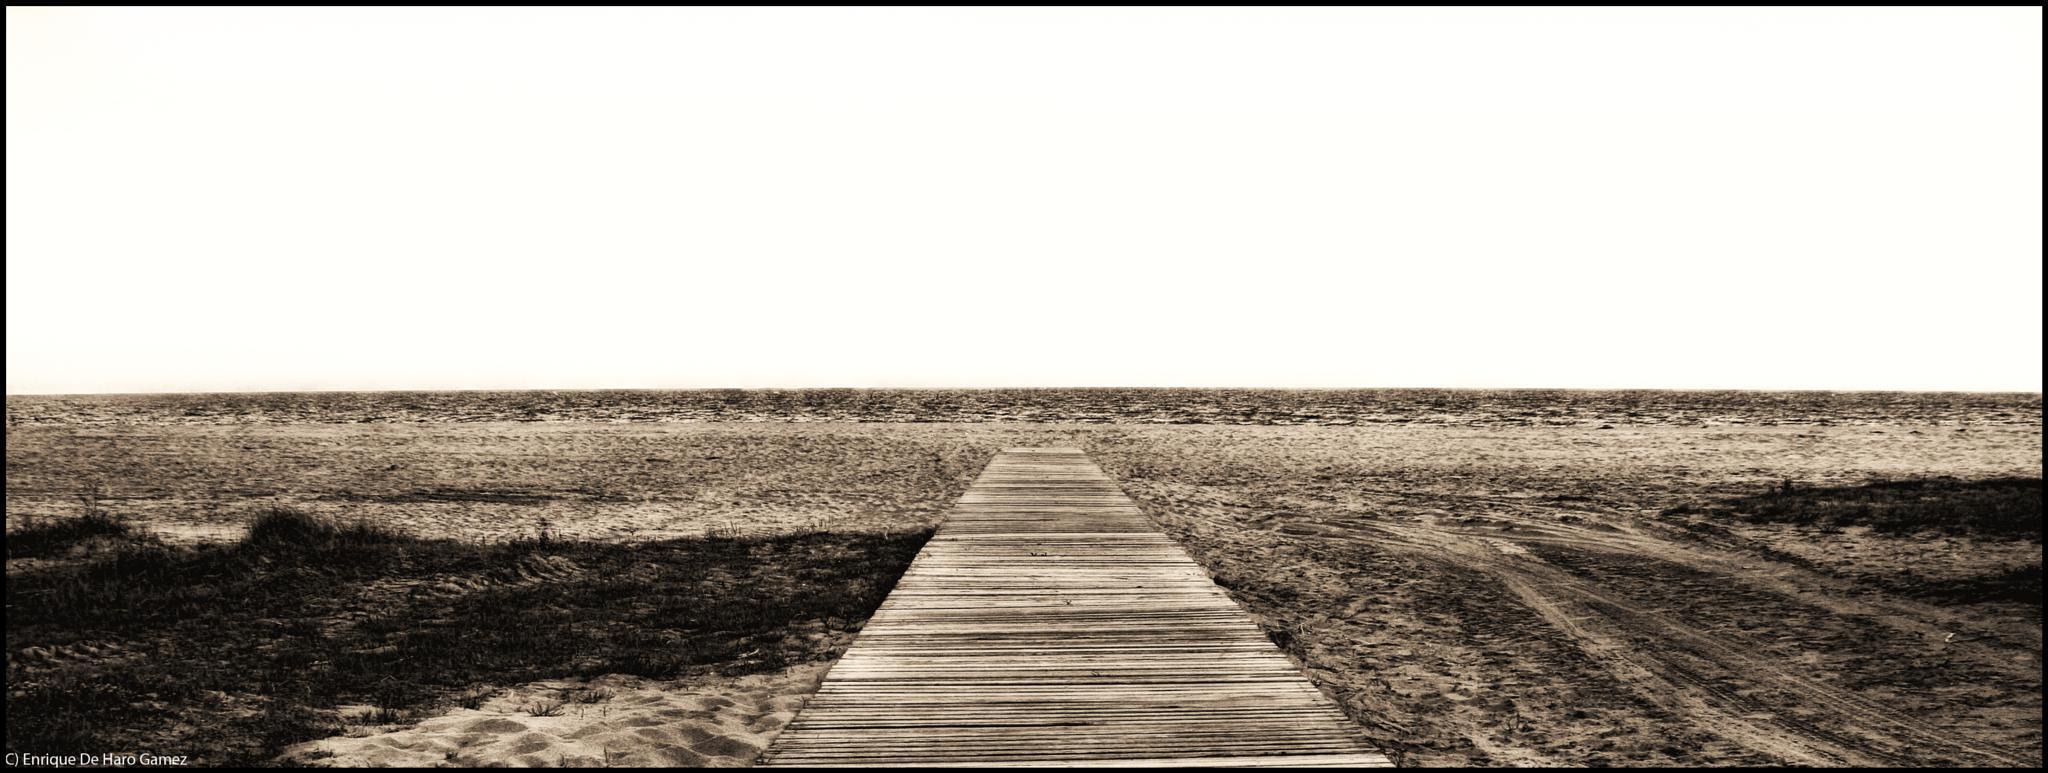 Infinite by Enrique de haro gamez